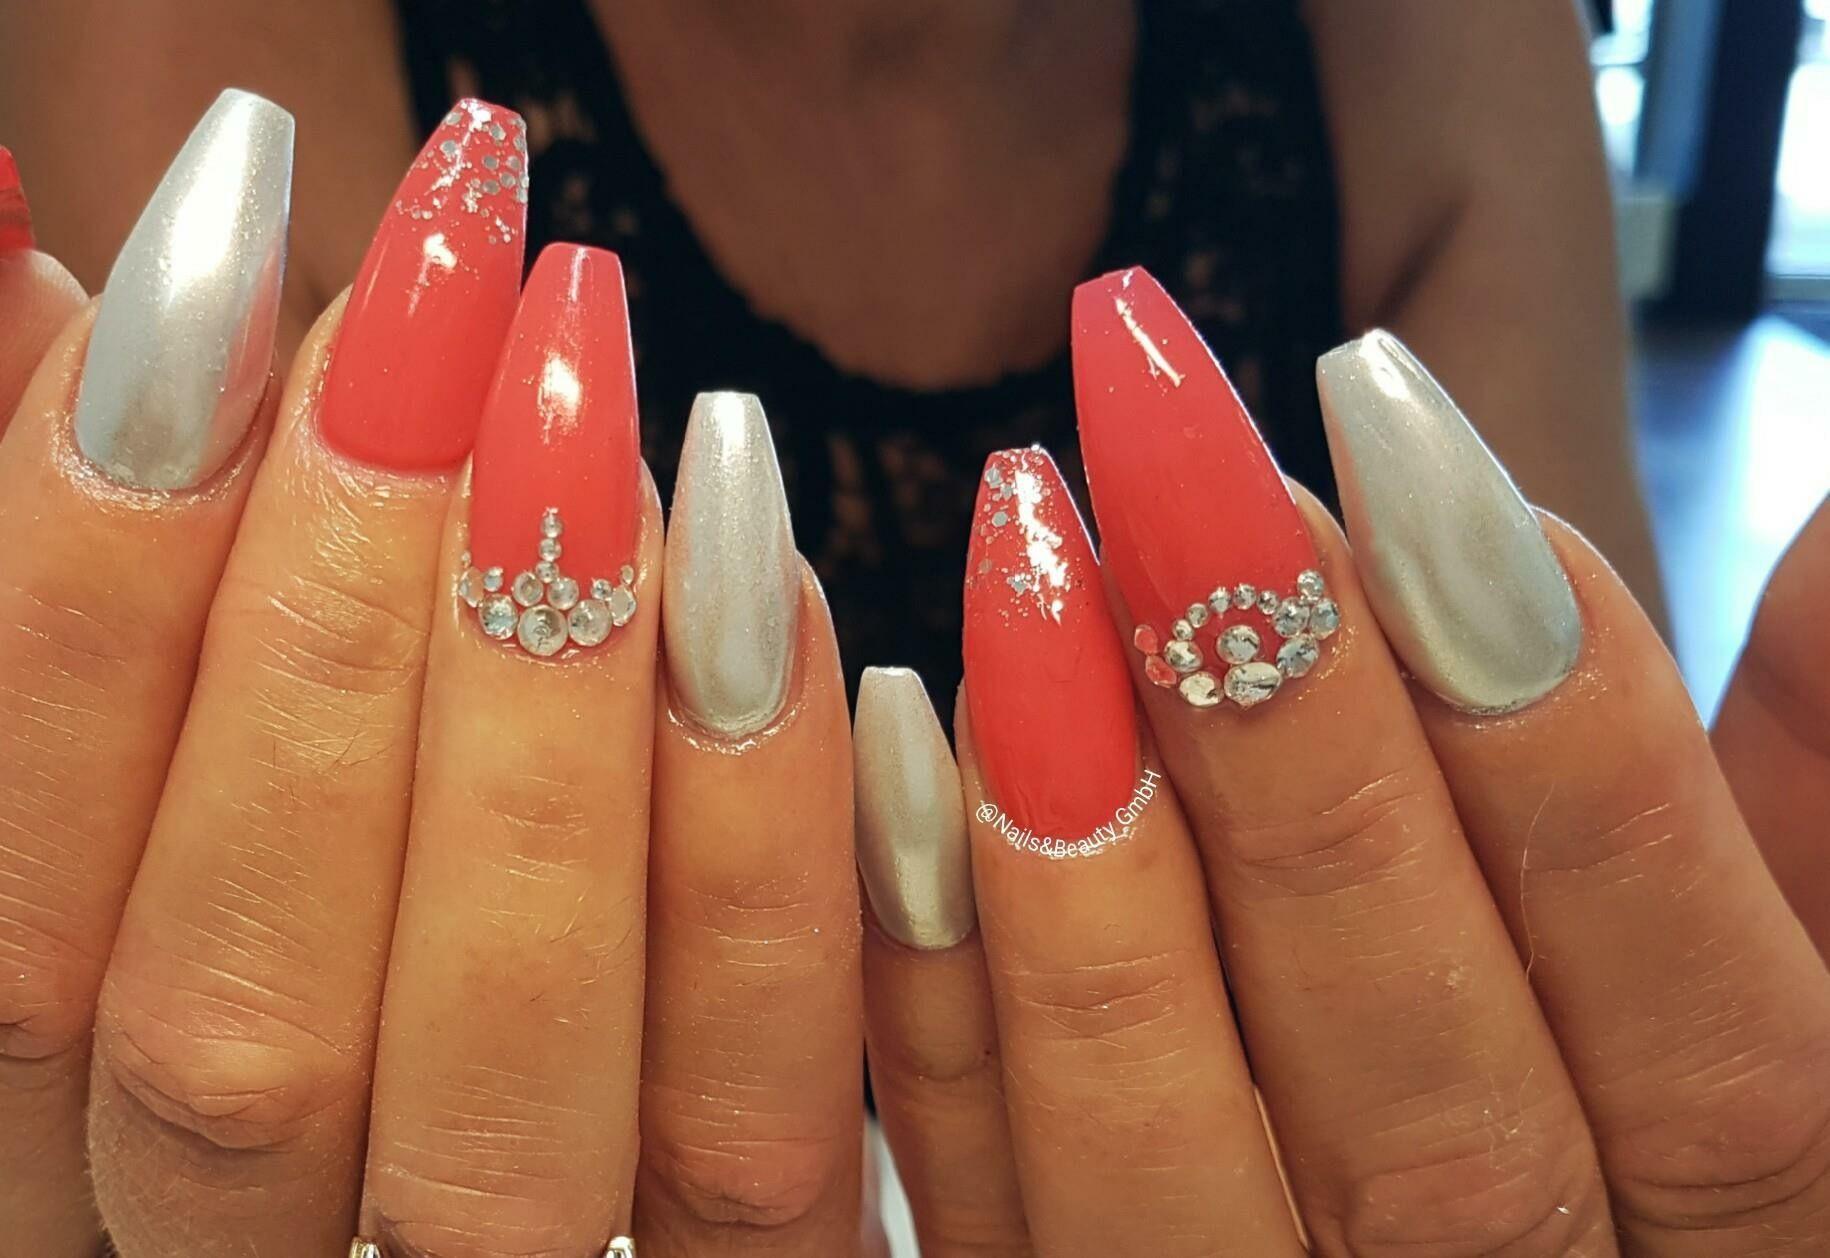 Chrome nails coral swarovski nails ideas pinterest chrome nails